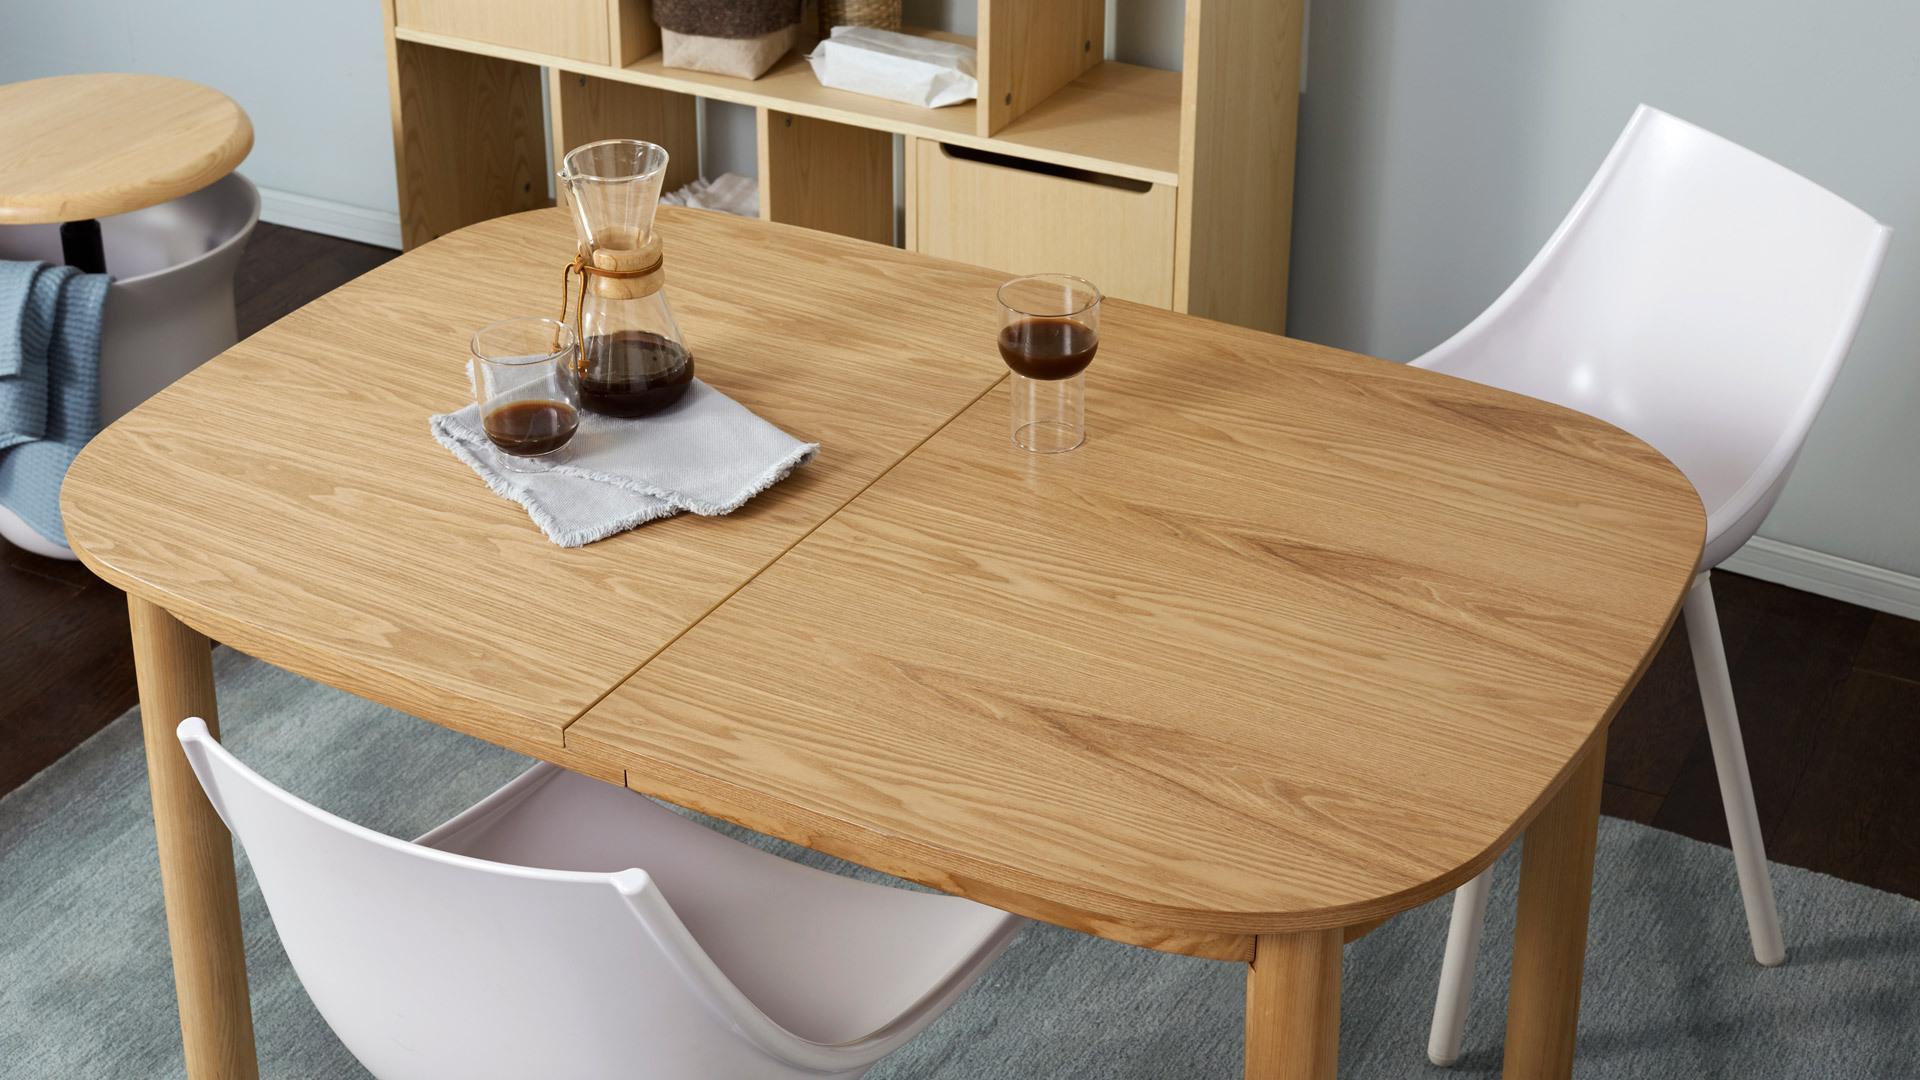 更清晰的木纹,勾勒餐厅细腻质感